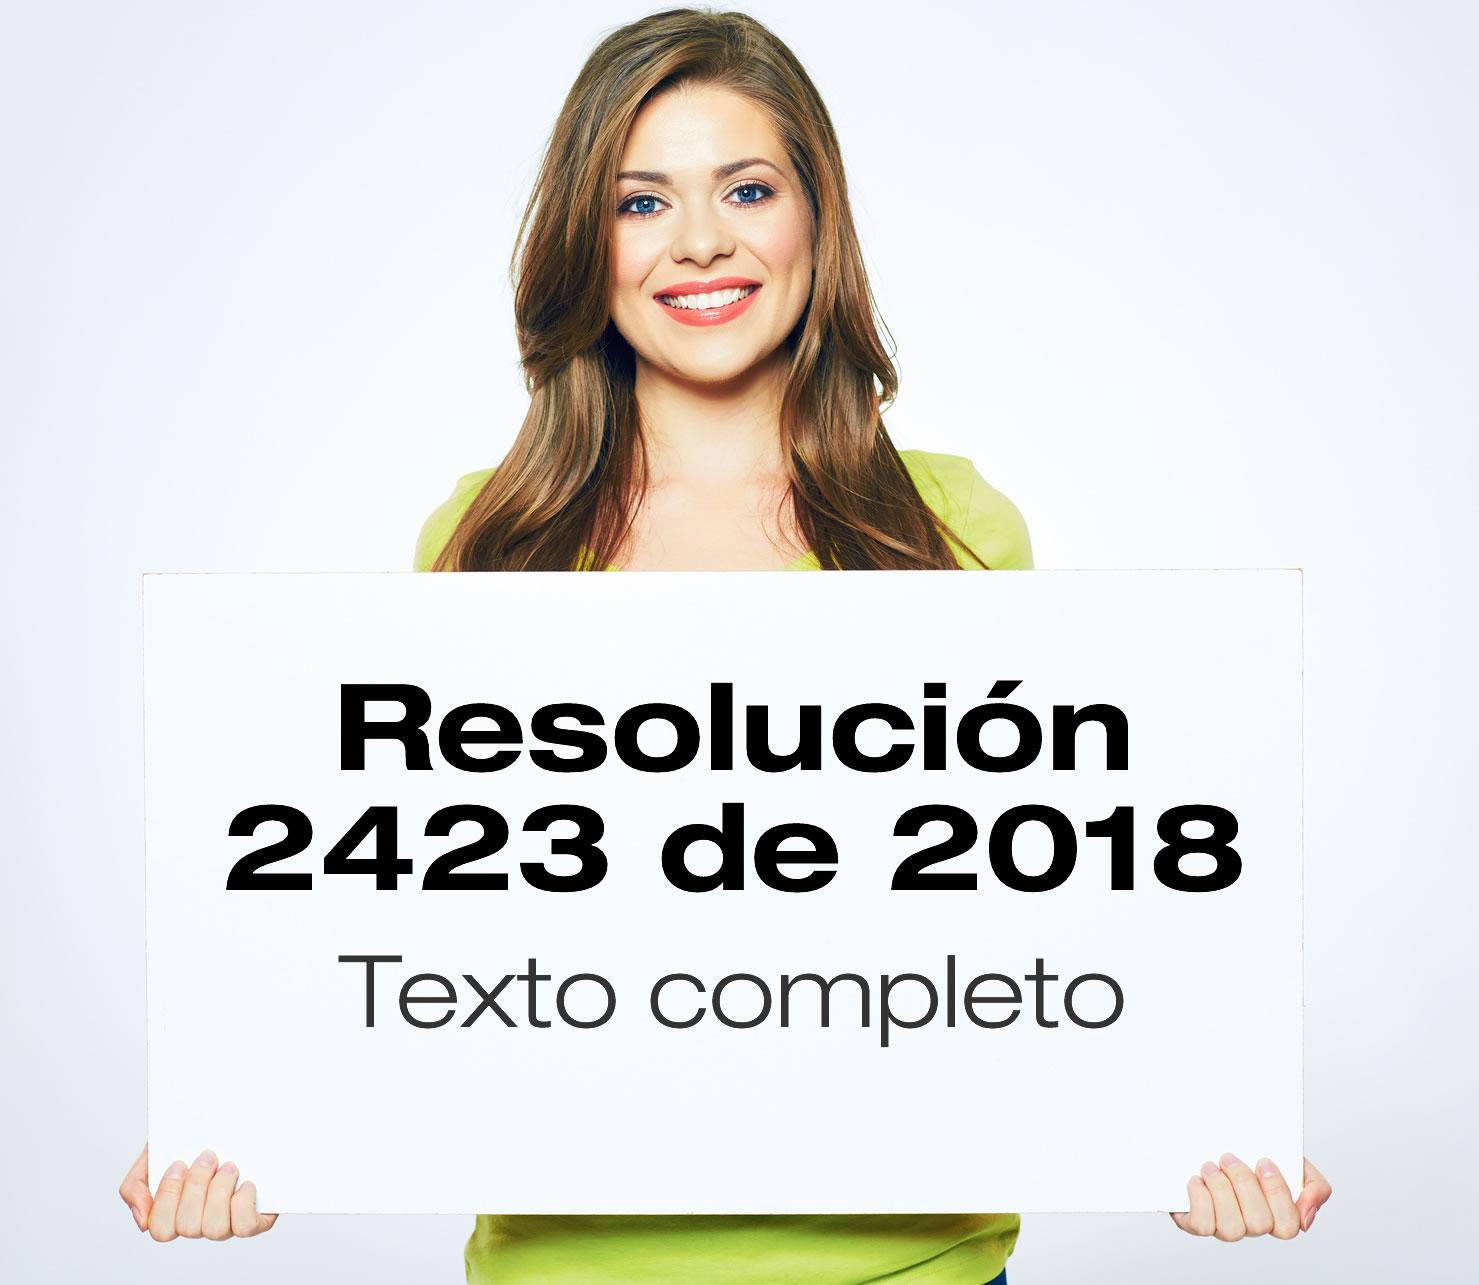 La Resolución 2423 de 2018 establece los parámetros técnicos para la operación de la estrategia Salas Amigas de la Familia Lactante del Entorno Laboral.